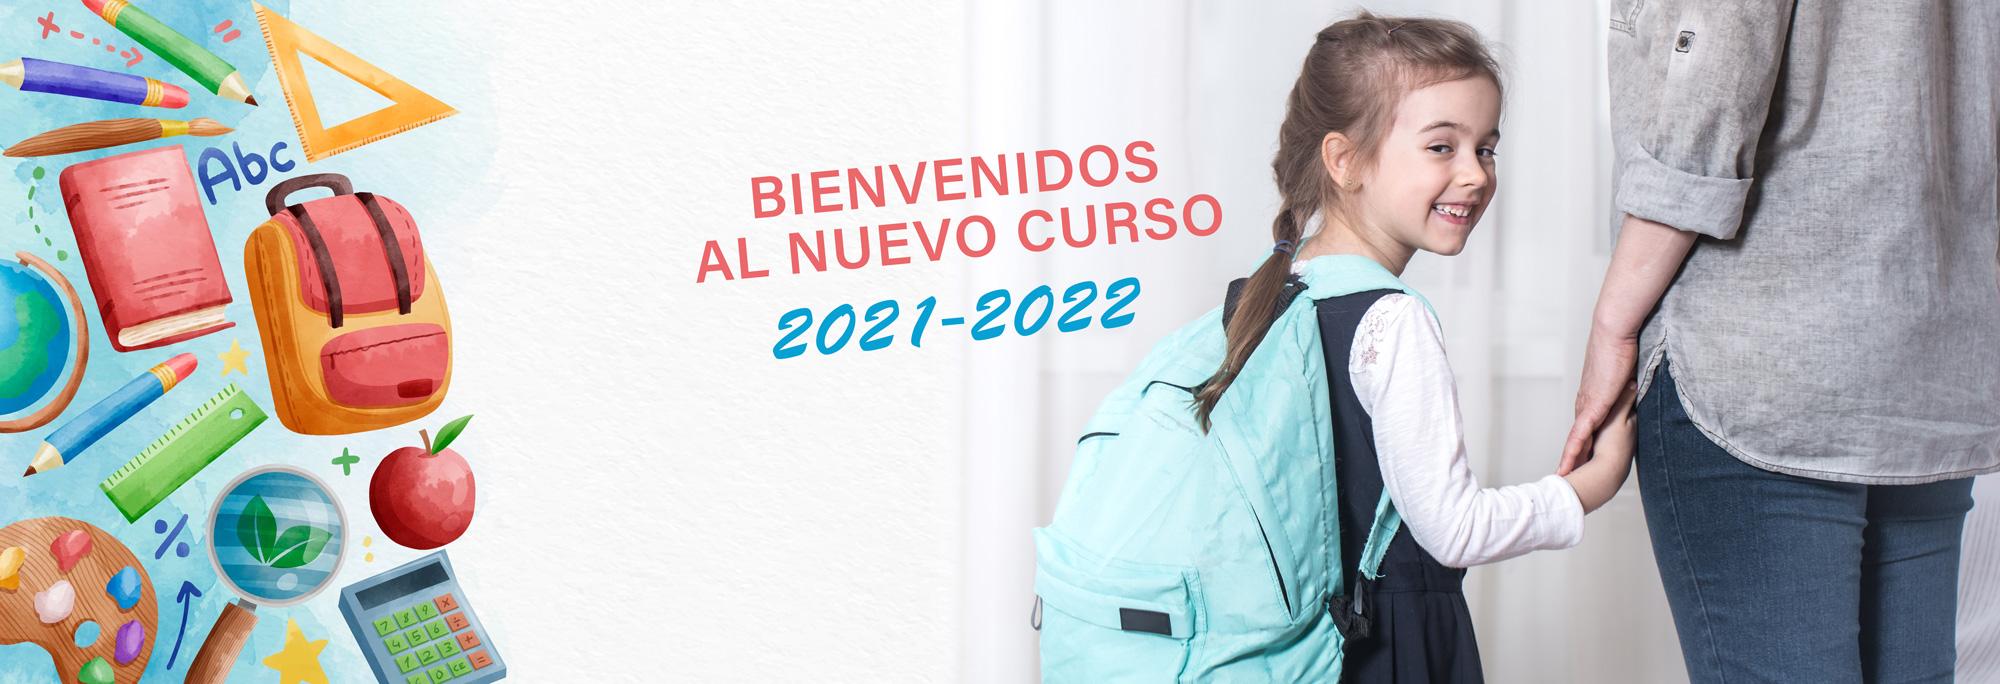 nuevocurso-2021-2022